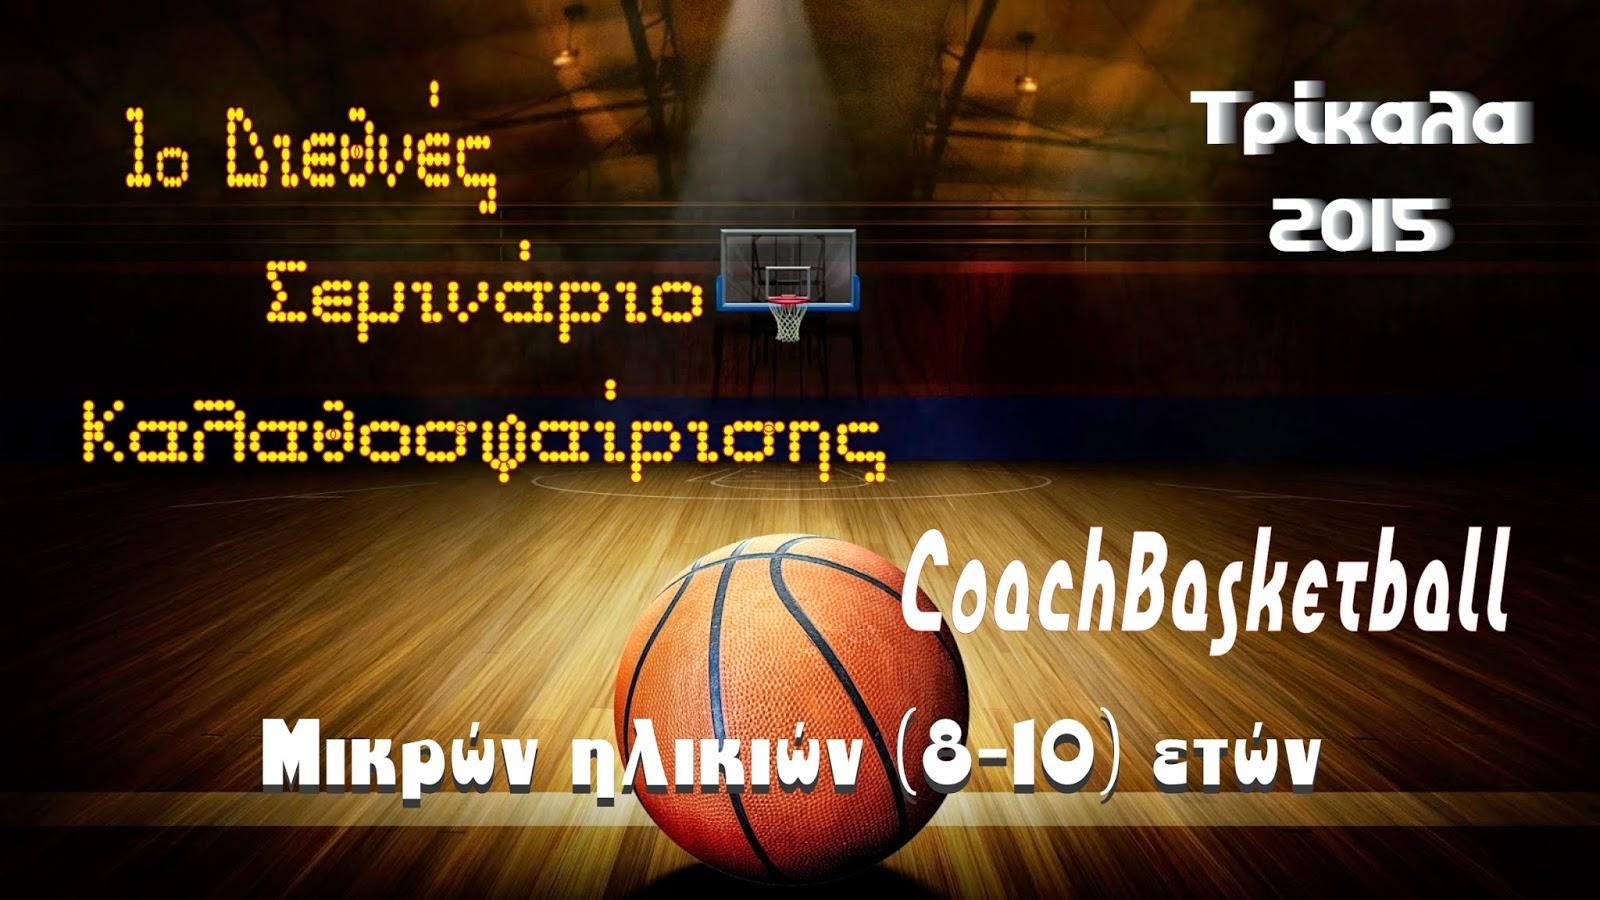 1ο Διεθνές Σεμινάριο Καλαθοσφαίρισης CoachBasketball μικρών ηλικιών (8-10) ετών - Τρίκαλα 2015